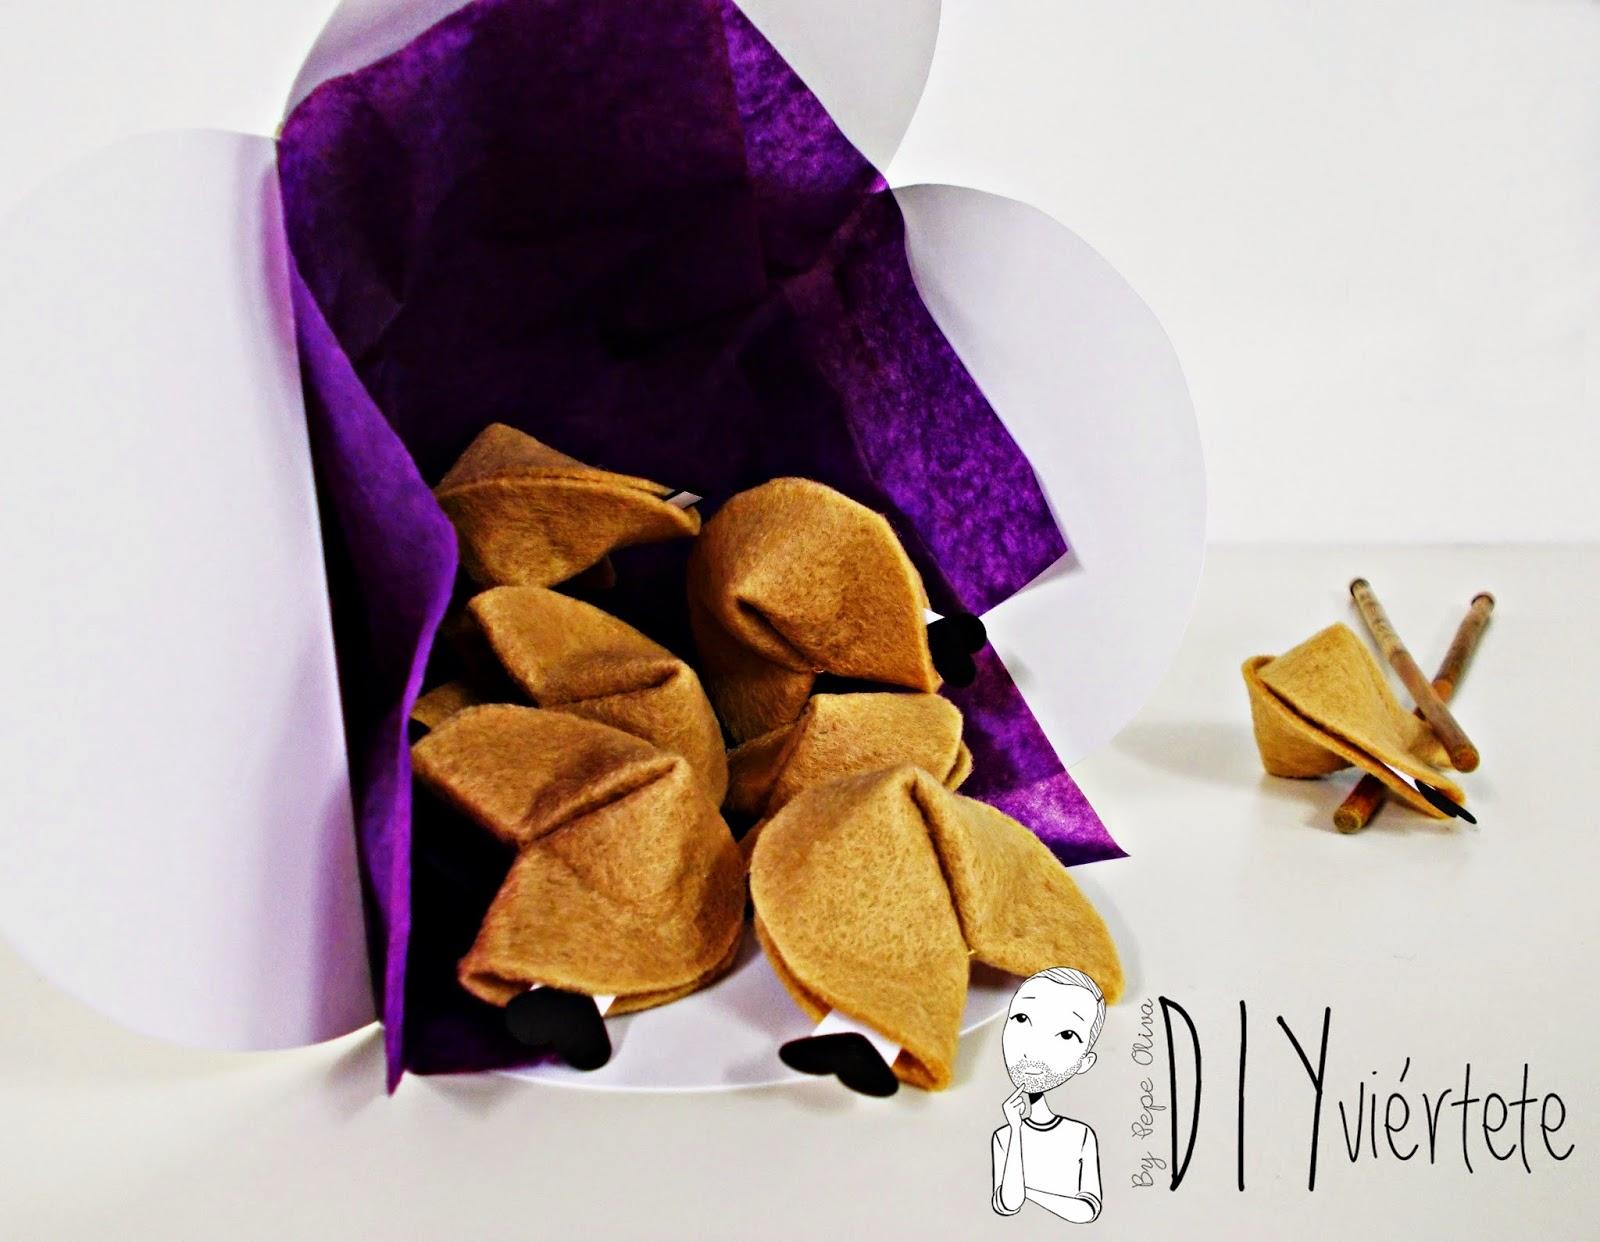 #BLOGERSANDO-diy-propósitos 2015-propósitos año nuevo-galletas de la fortuna-fieltro-papiroflexia-japonés-galletas de la suerte-deseos-1